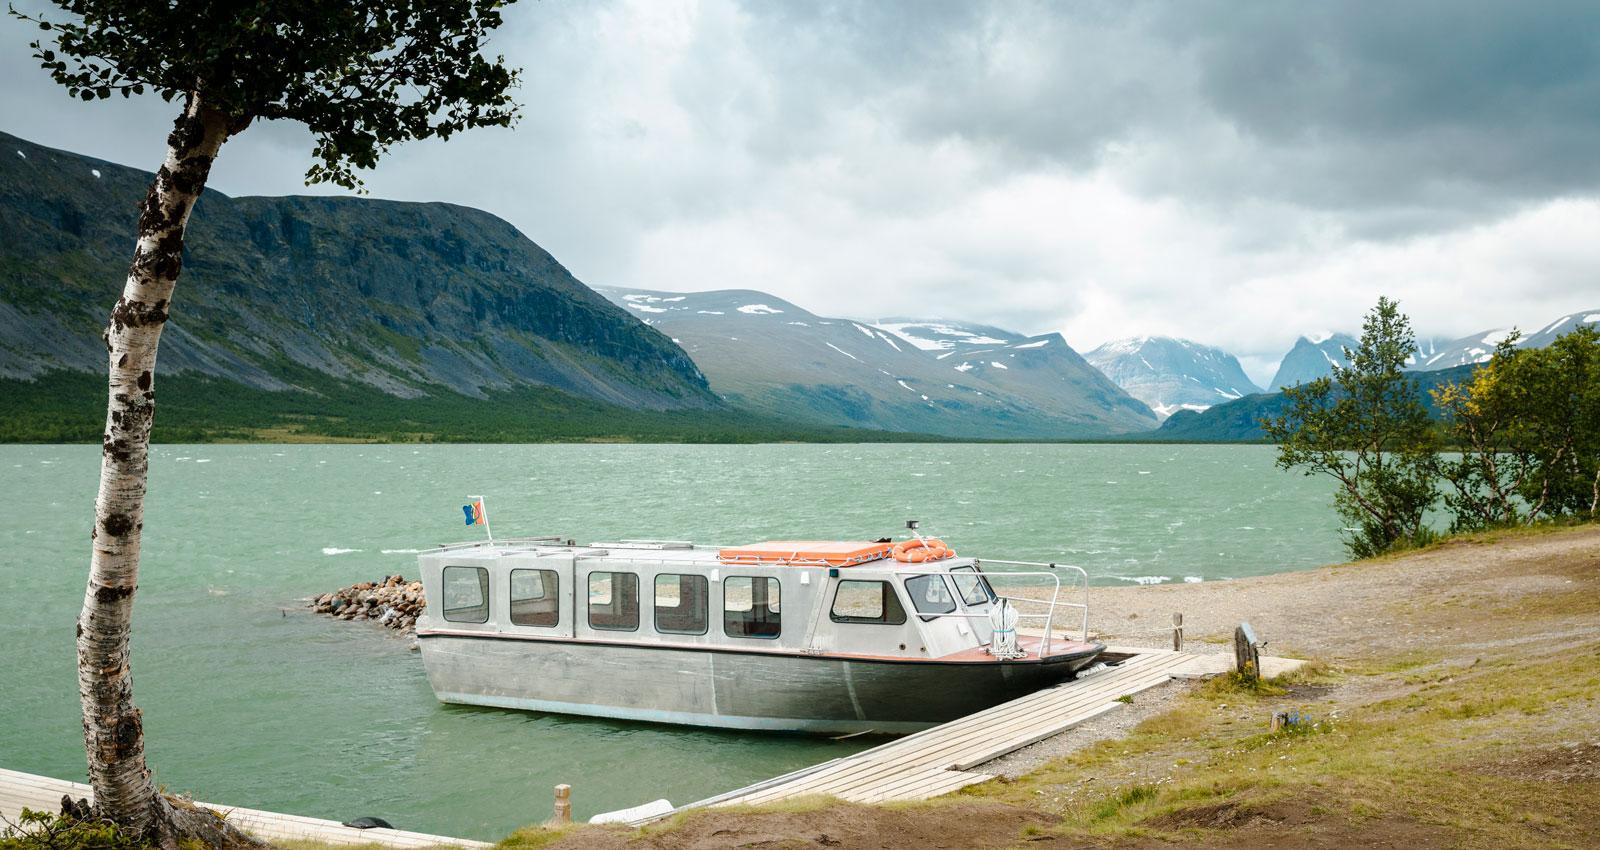 För de som vill finns båttransport för att korta vandringen till Kebnekaises fjällstation.